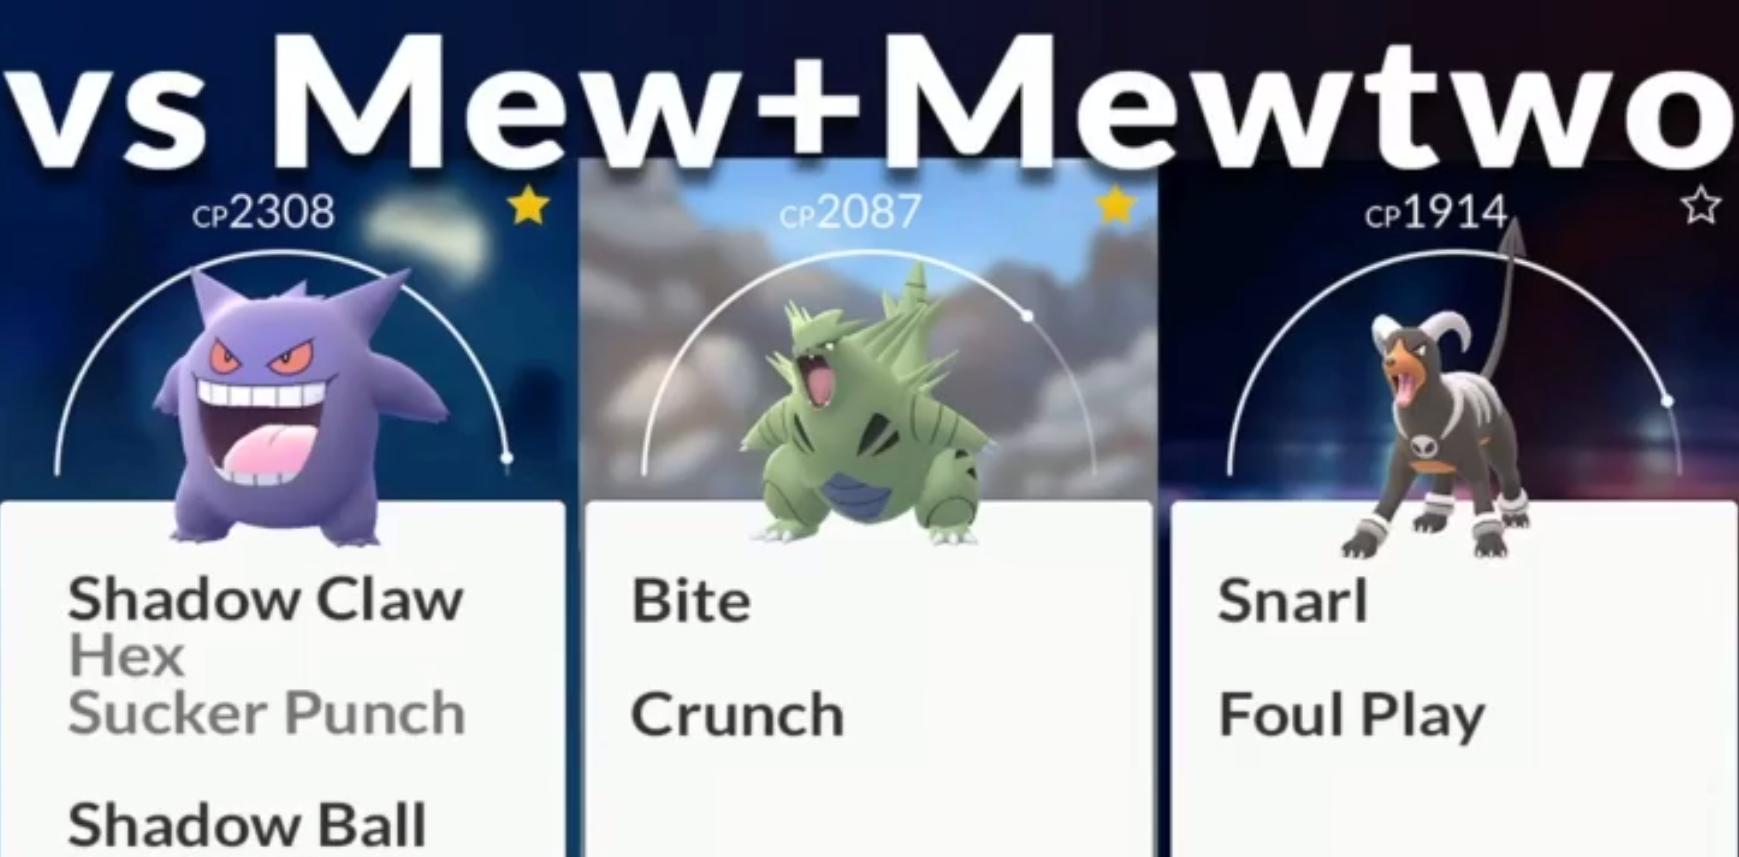 vs mew mewtwo